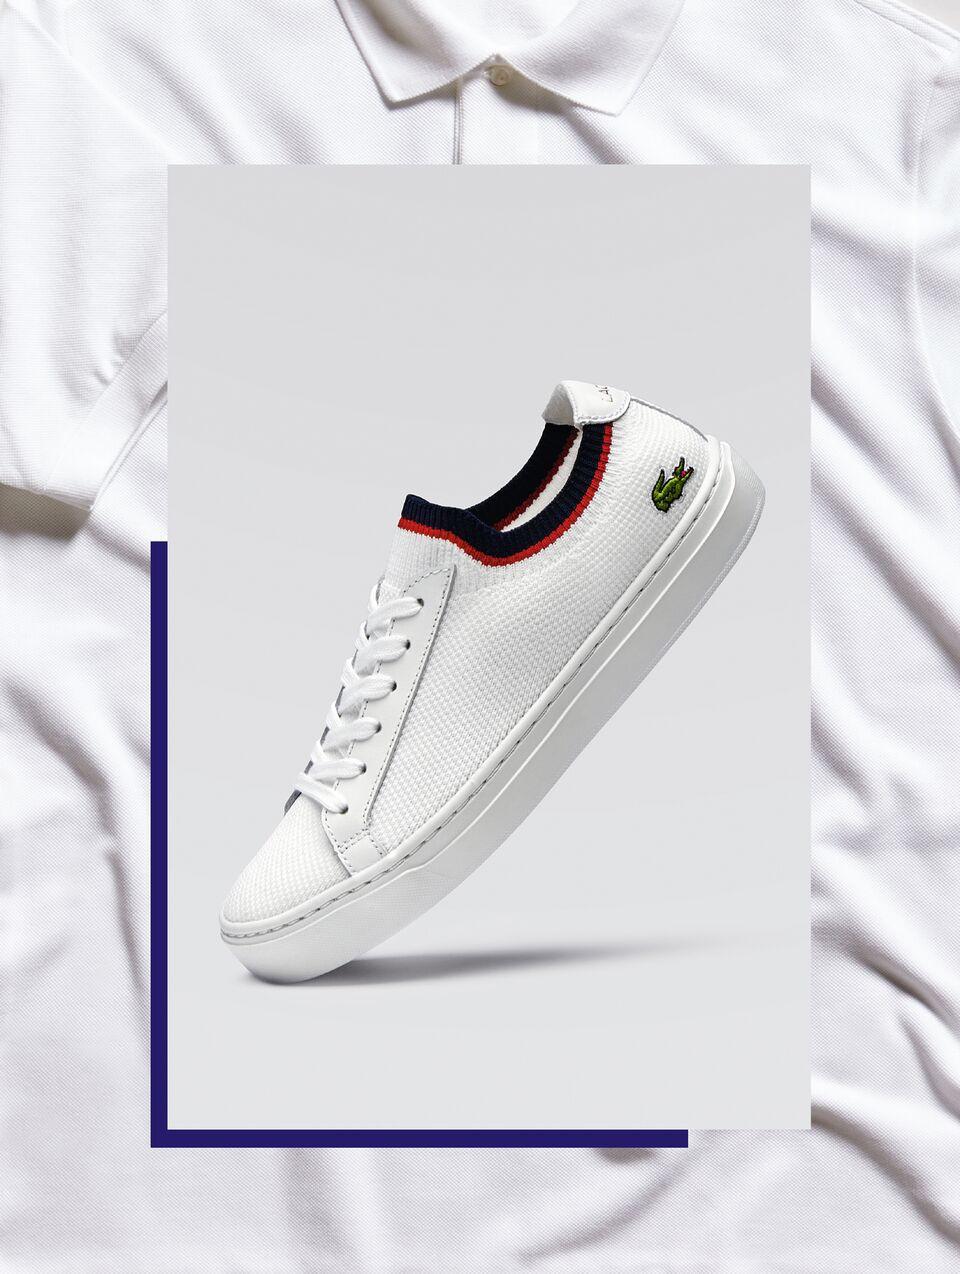 LACOSTE giới thiệu sneaker La Piquée cực chanh sả cho các cặp đôi đón Valentine - Ảnh 4.